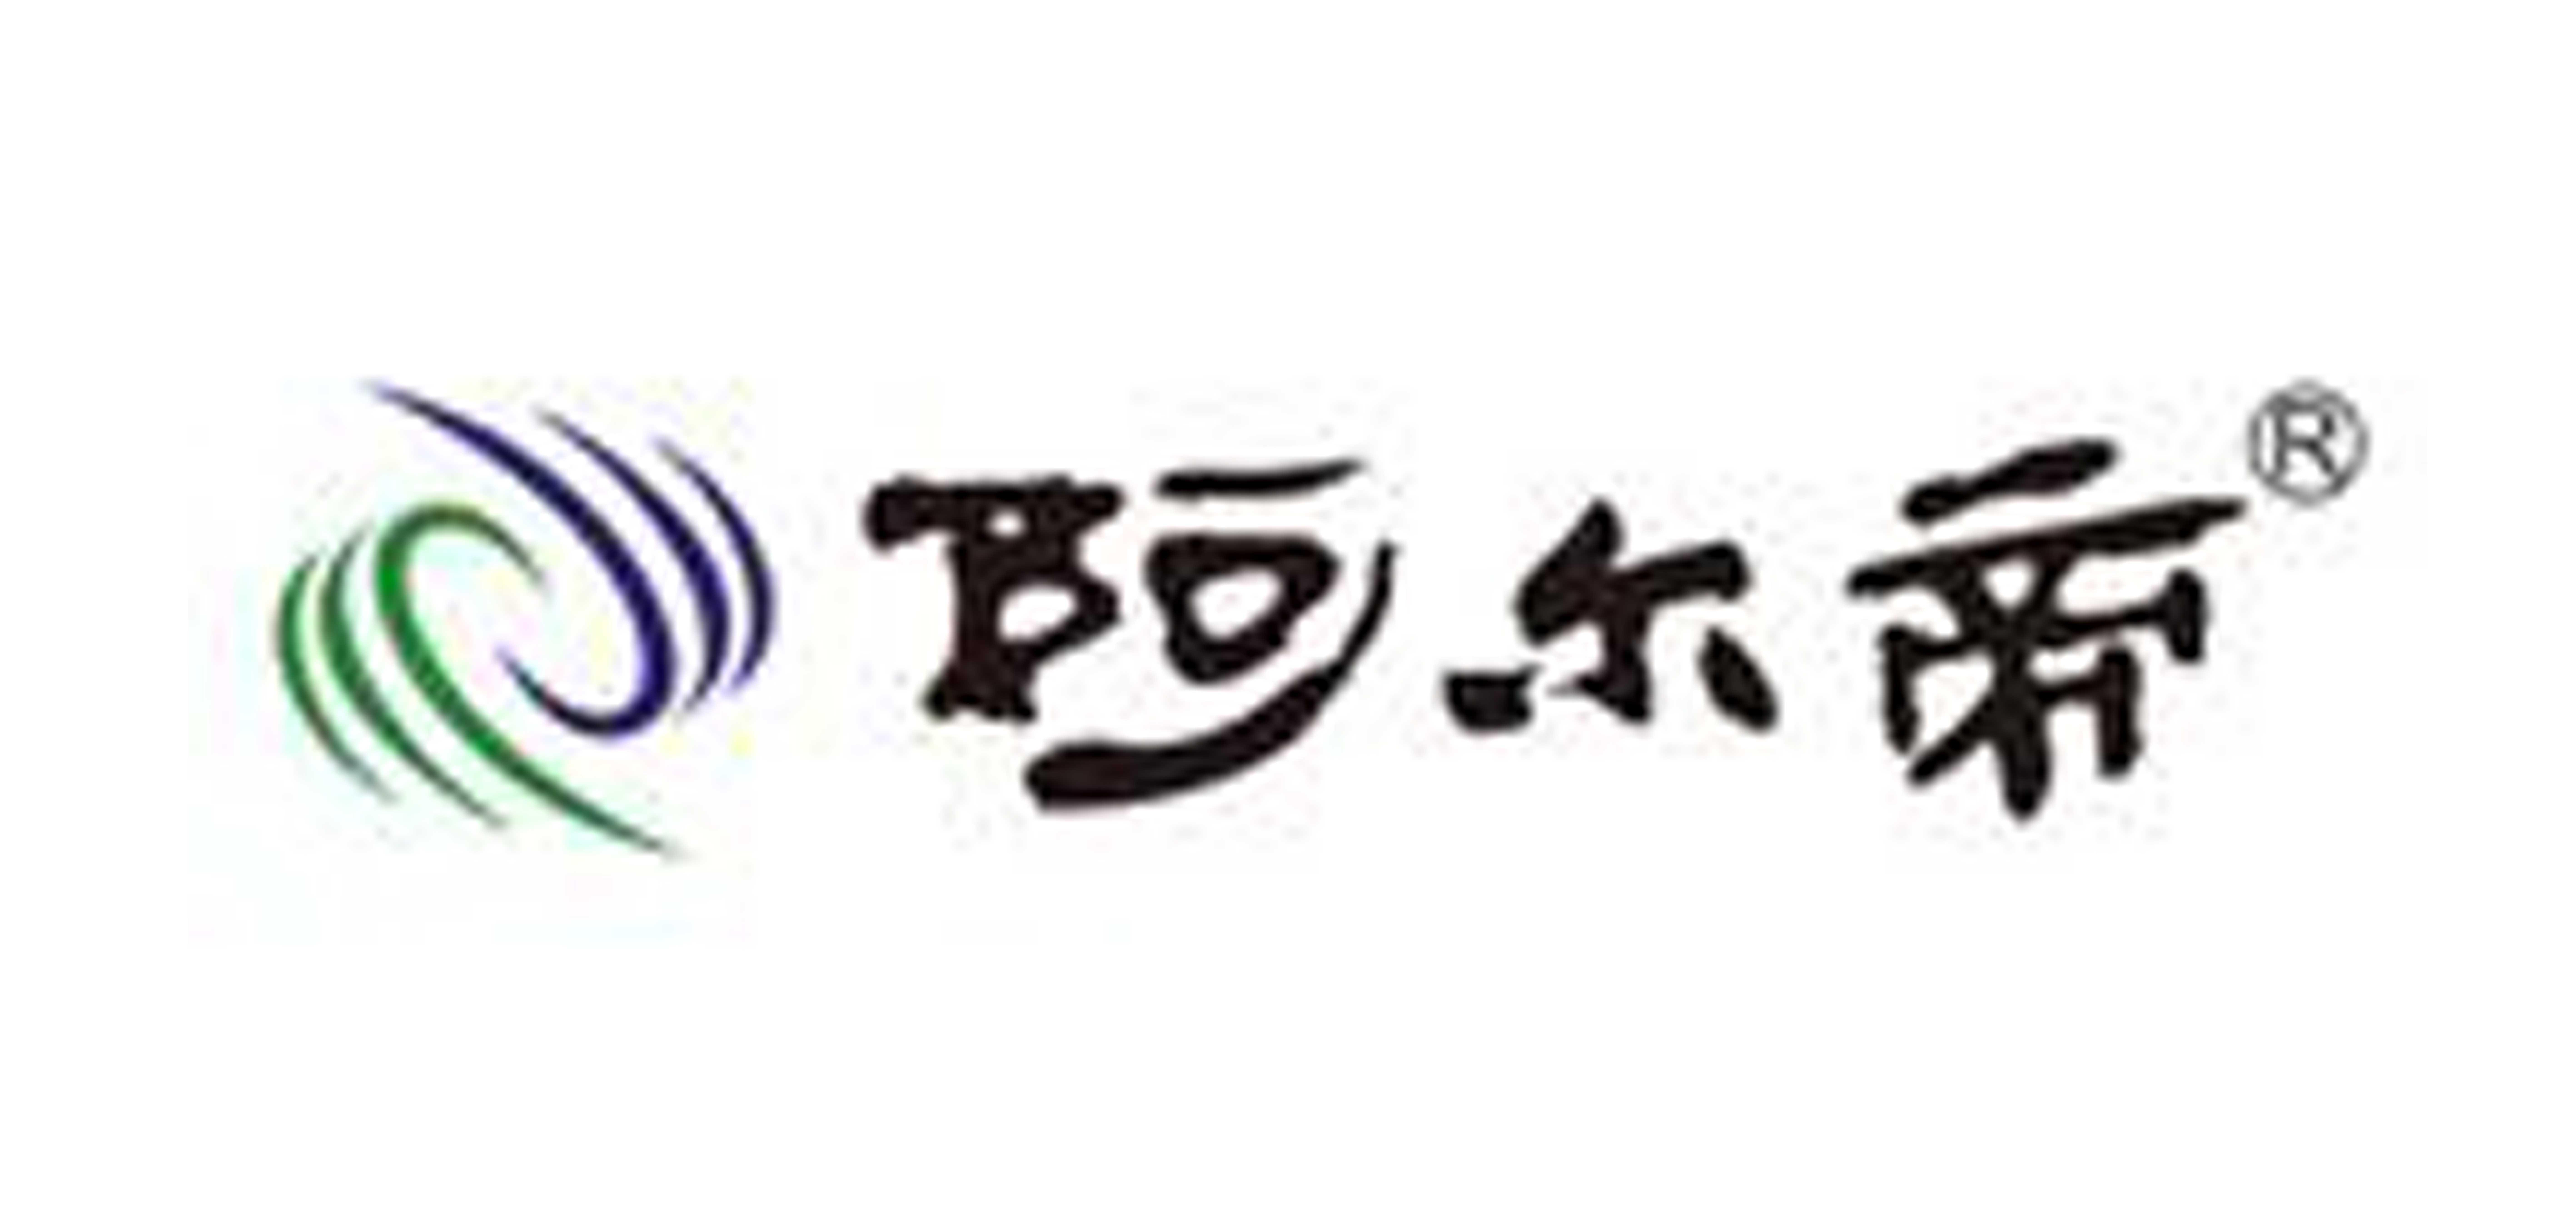 虾干十大品牌排名NO.7